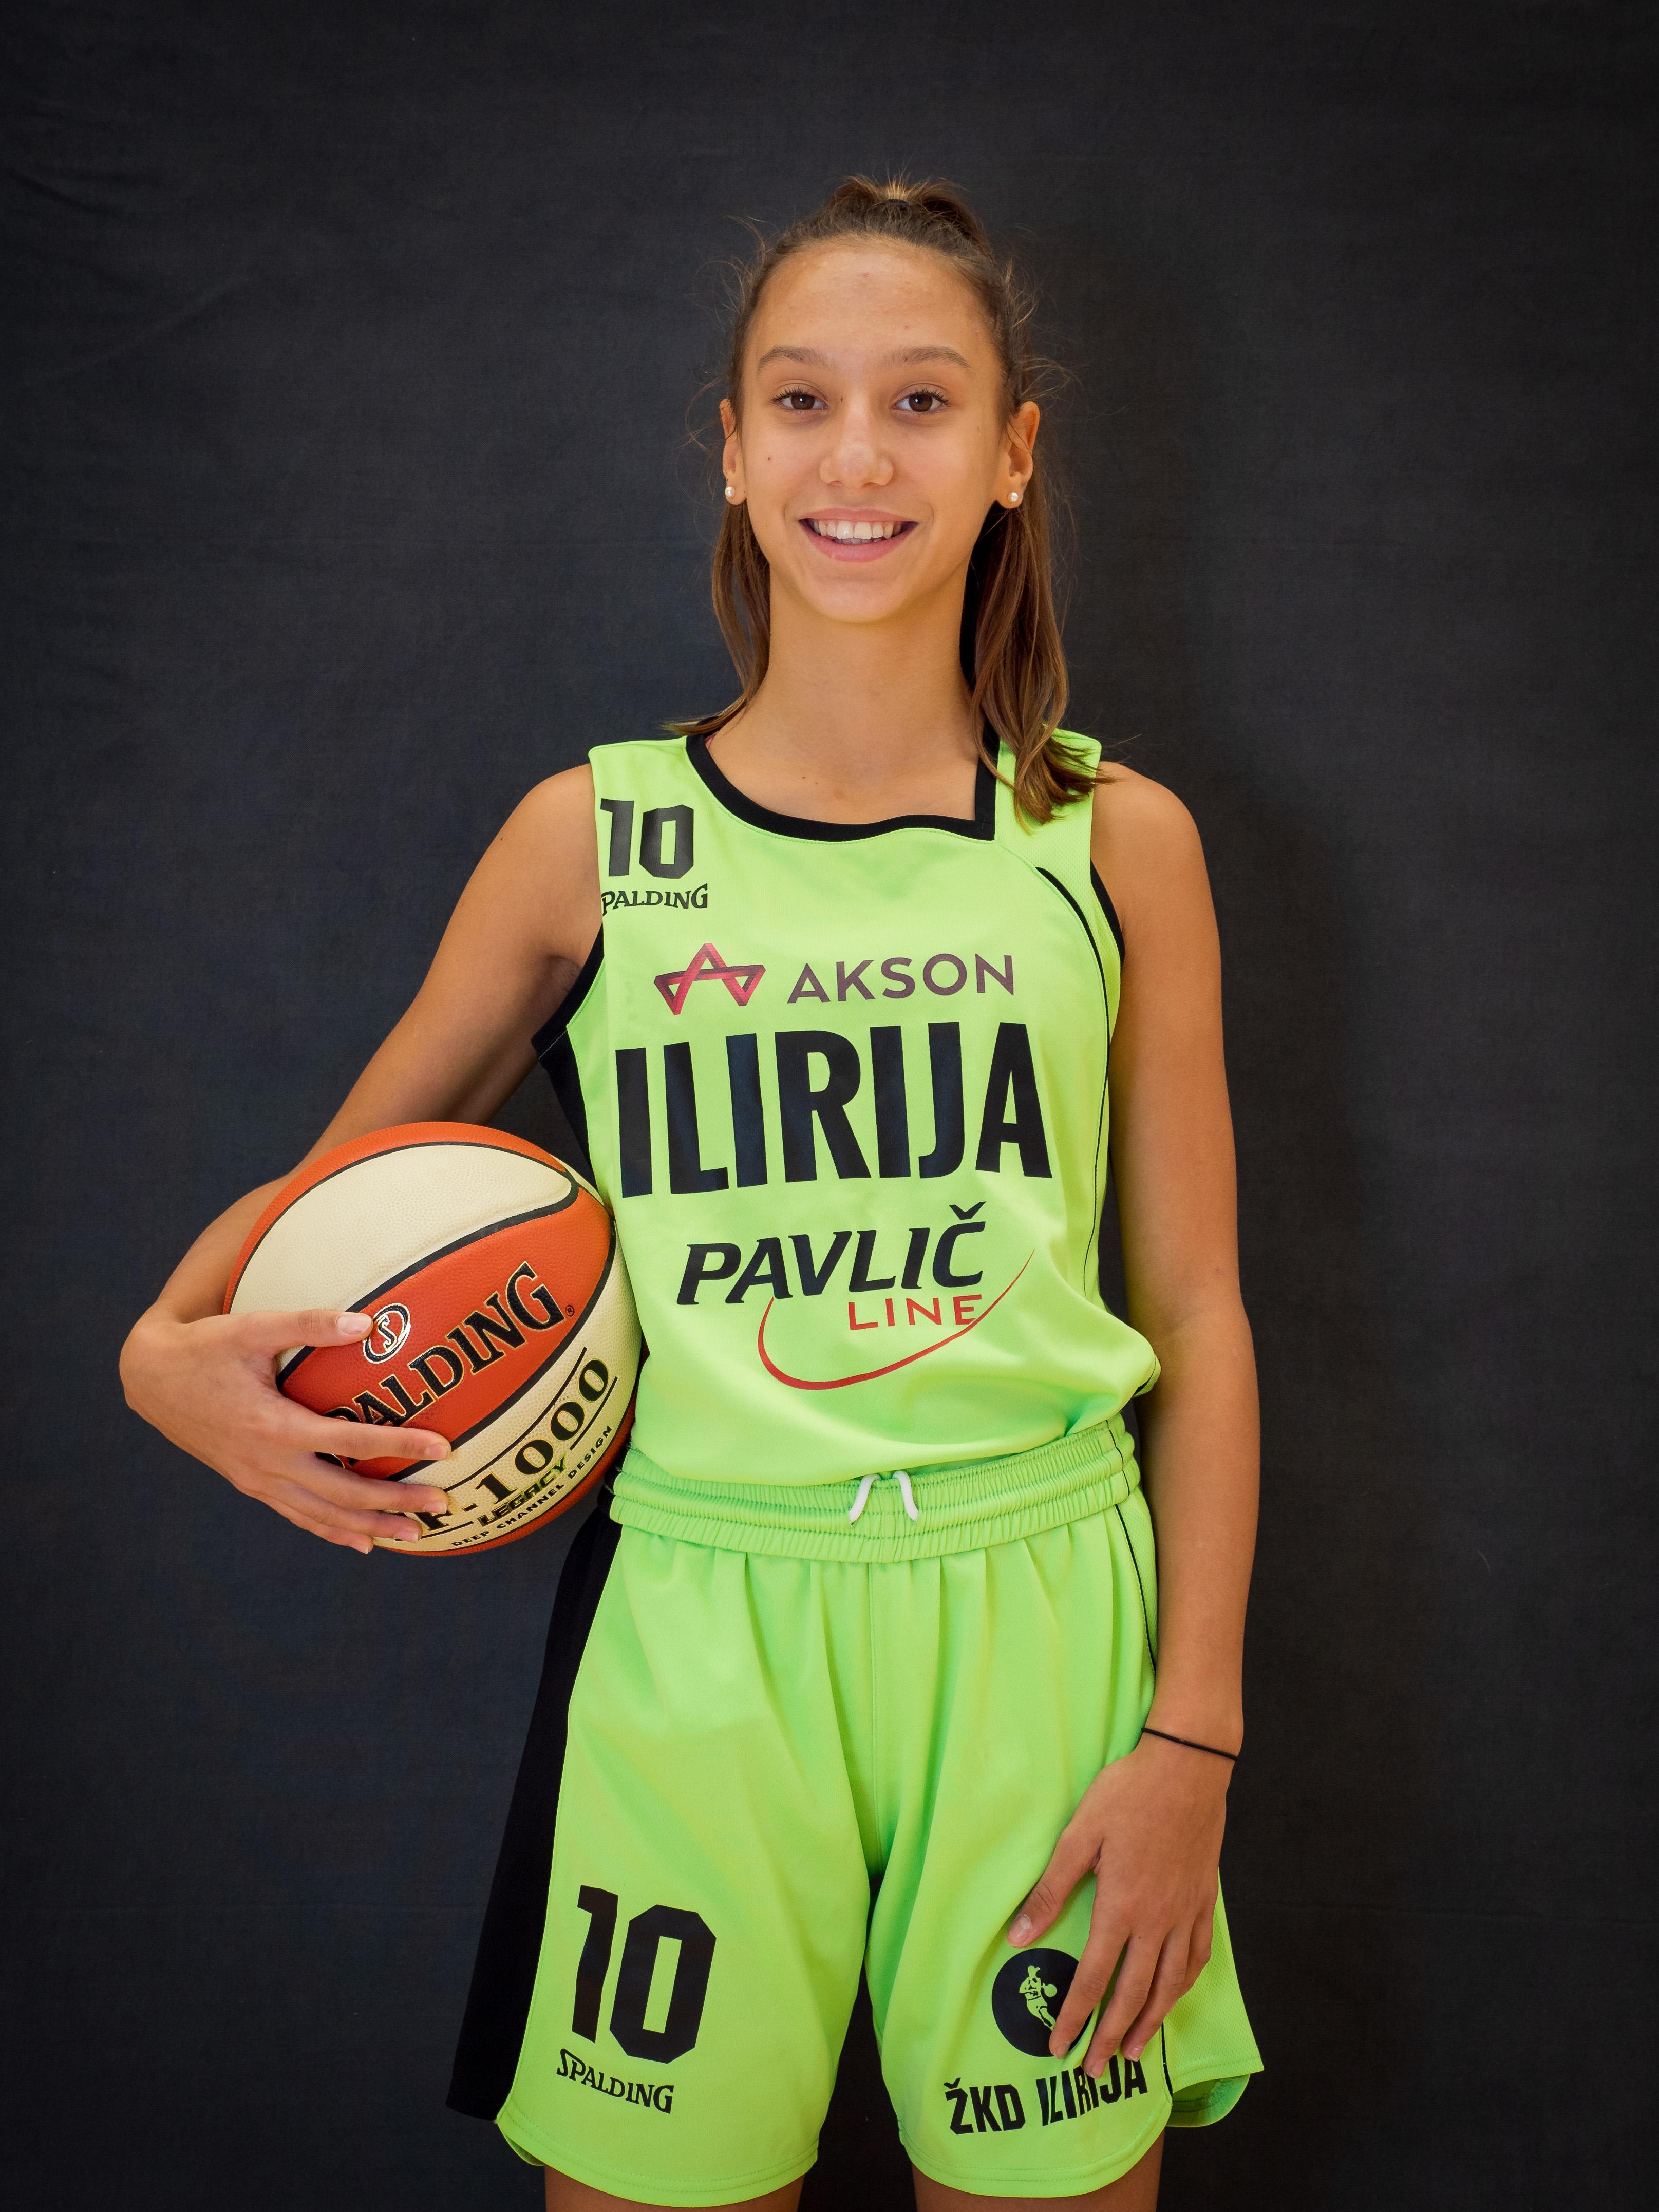 Hana Sambolić